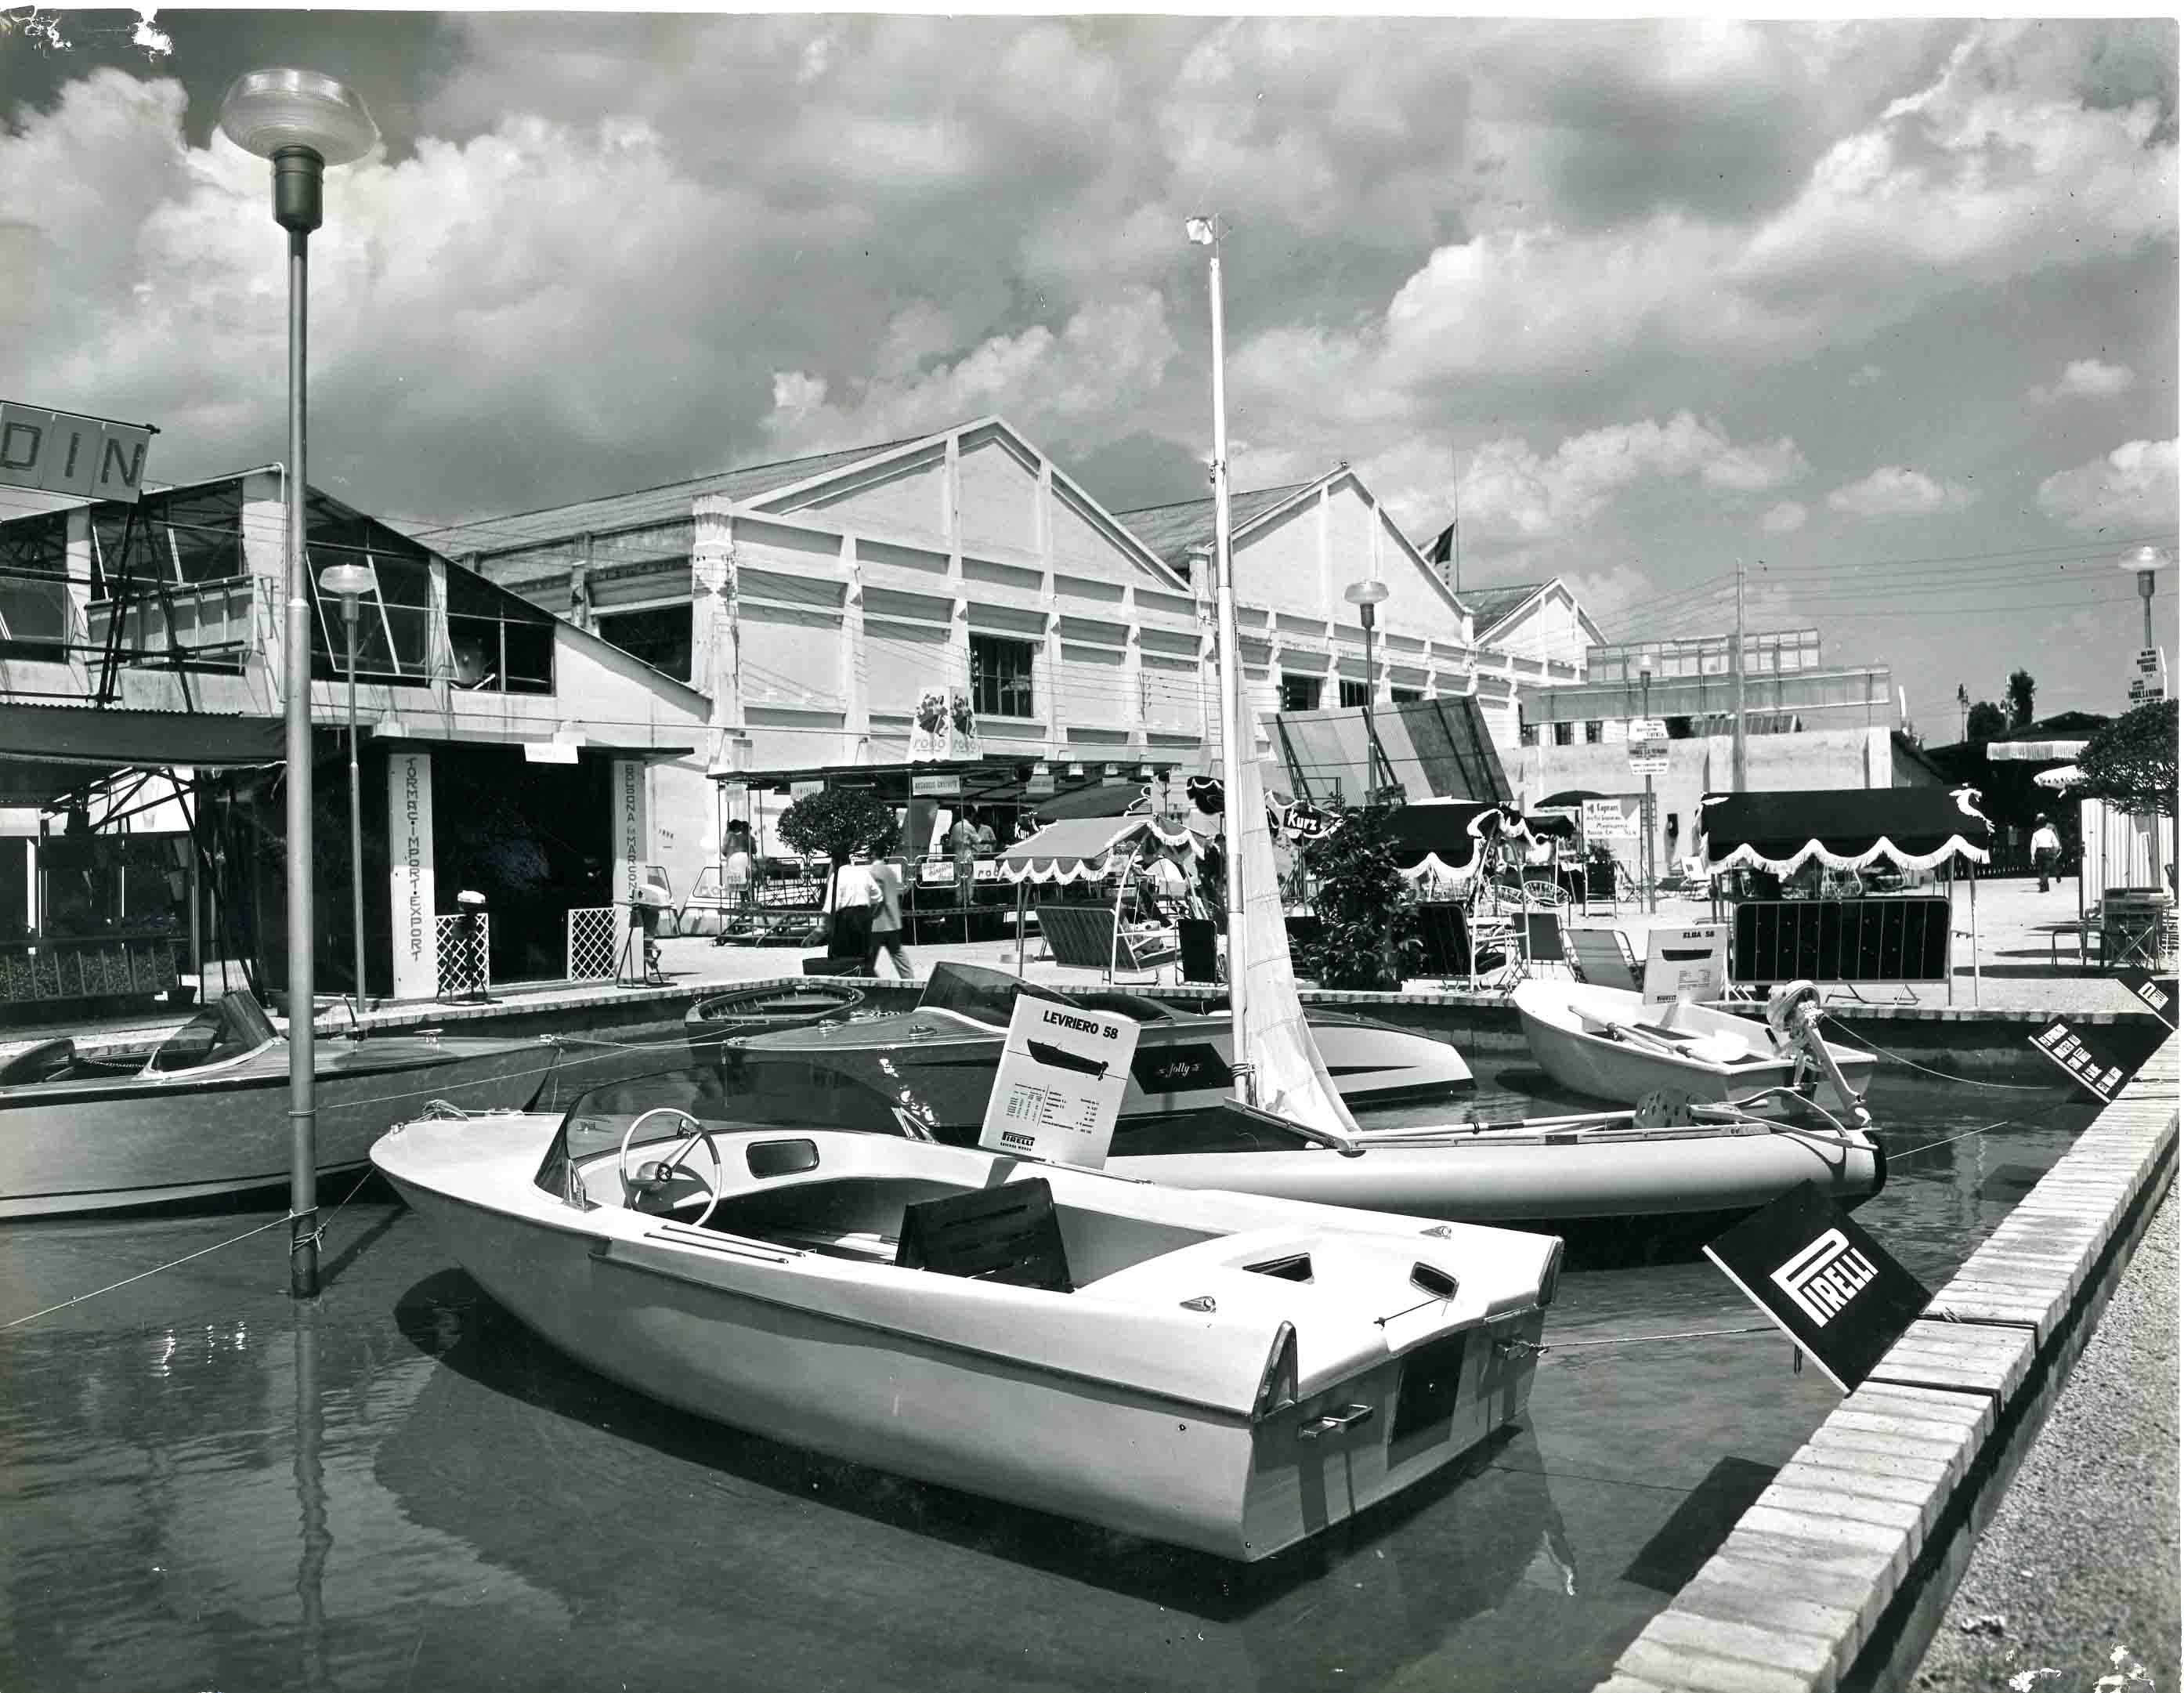 Fiera di padova del 1958 fotografie archivio storico for Fiera arredamento padova